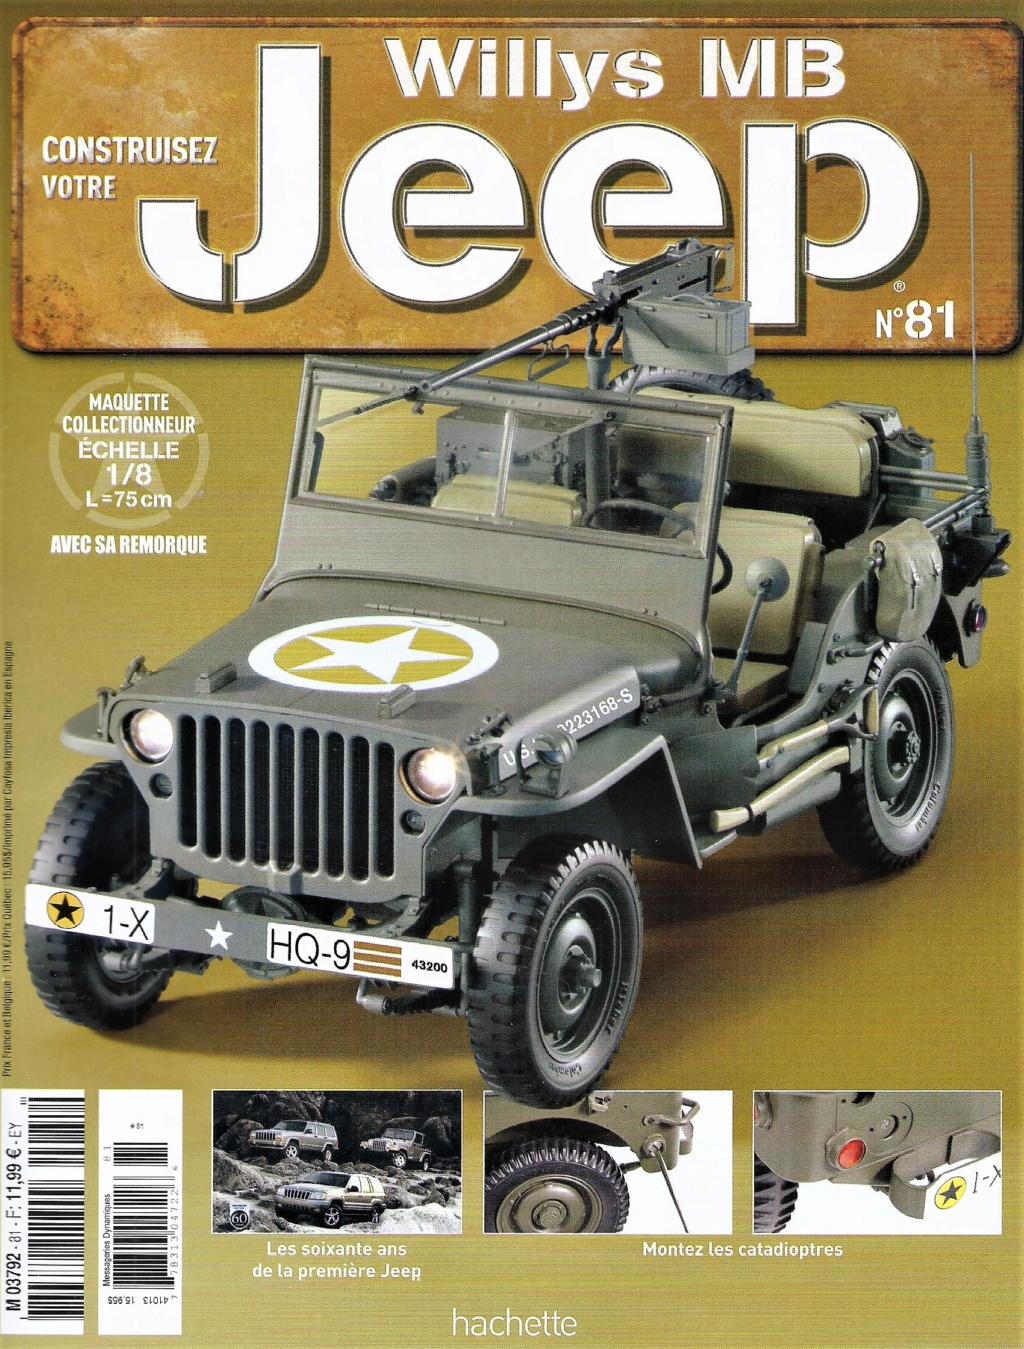 Jeep Willis Hachette au 1/8 - Page 27 N81_pa10